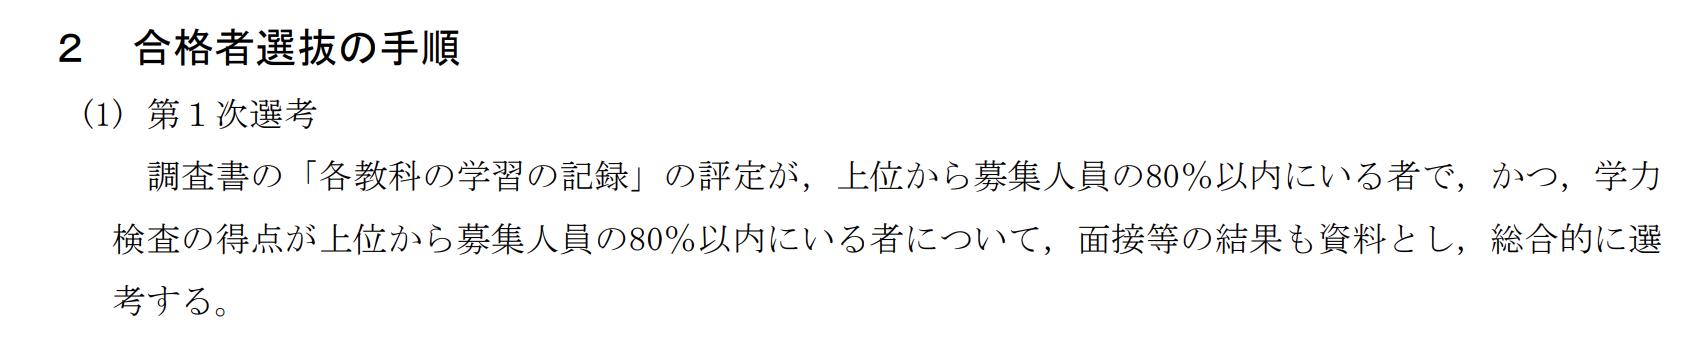 徳島県公立高校入試制度3